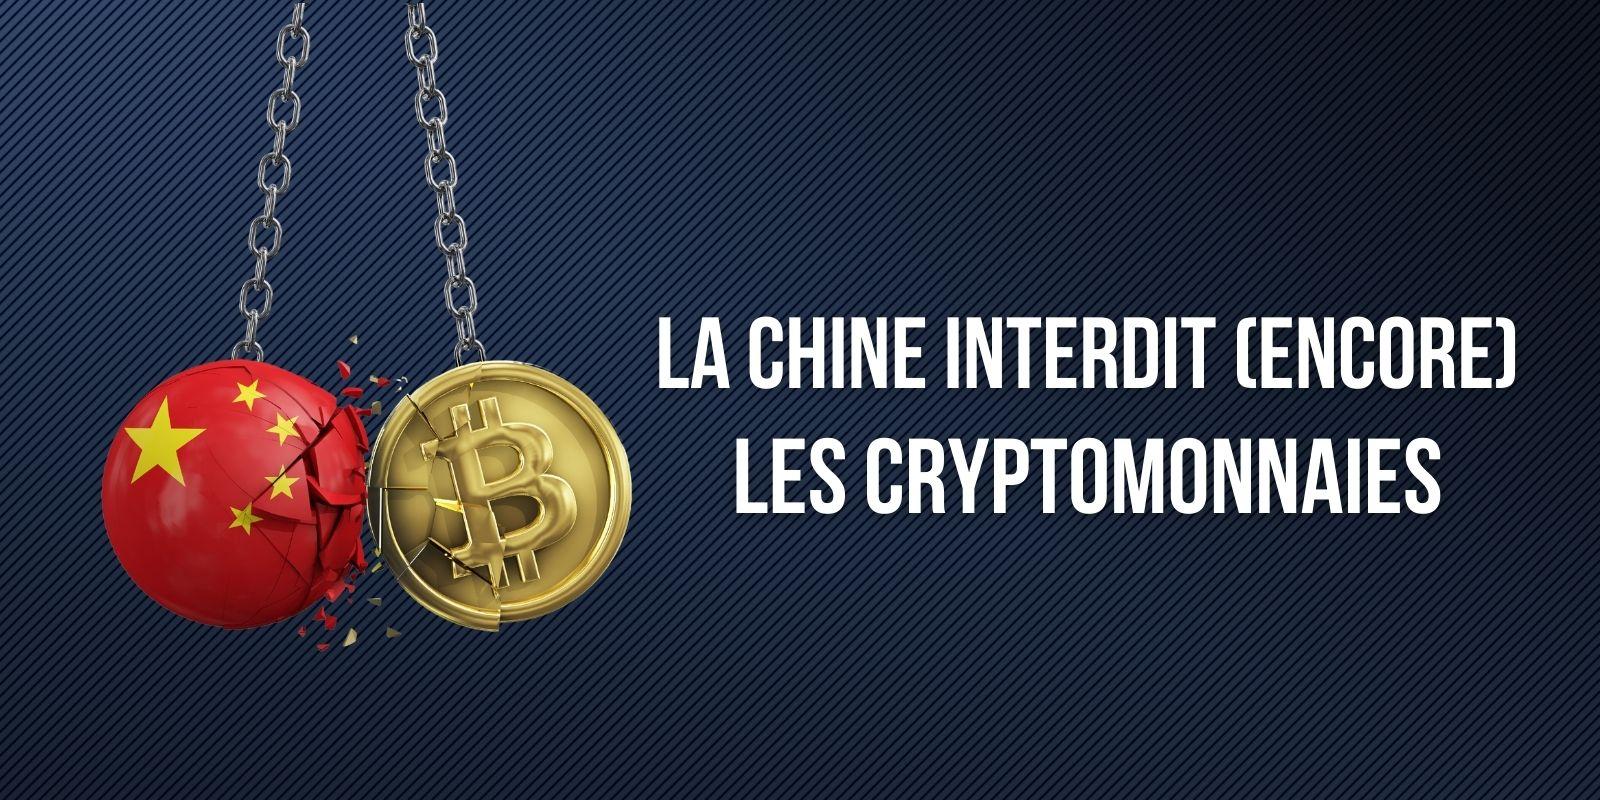 La Chine interdit pour la onzième fois les cryptomonnaies – Est-ce différent des autres fois ?